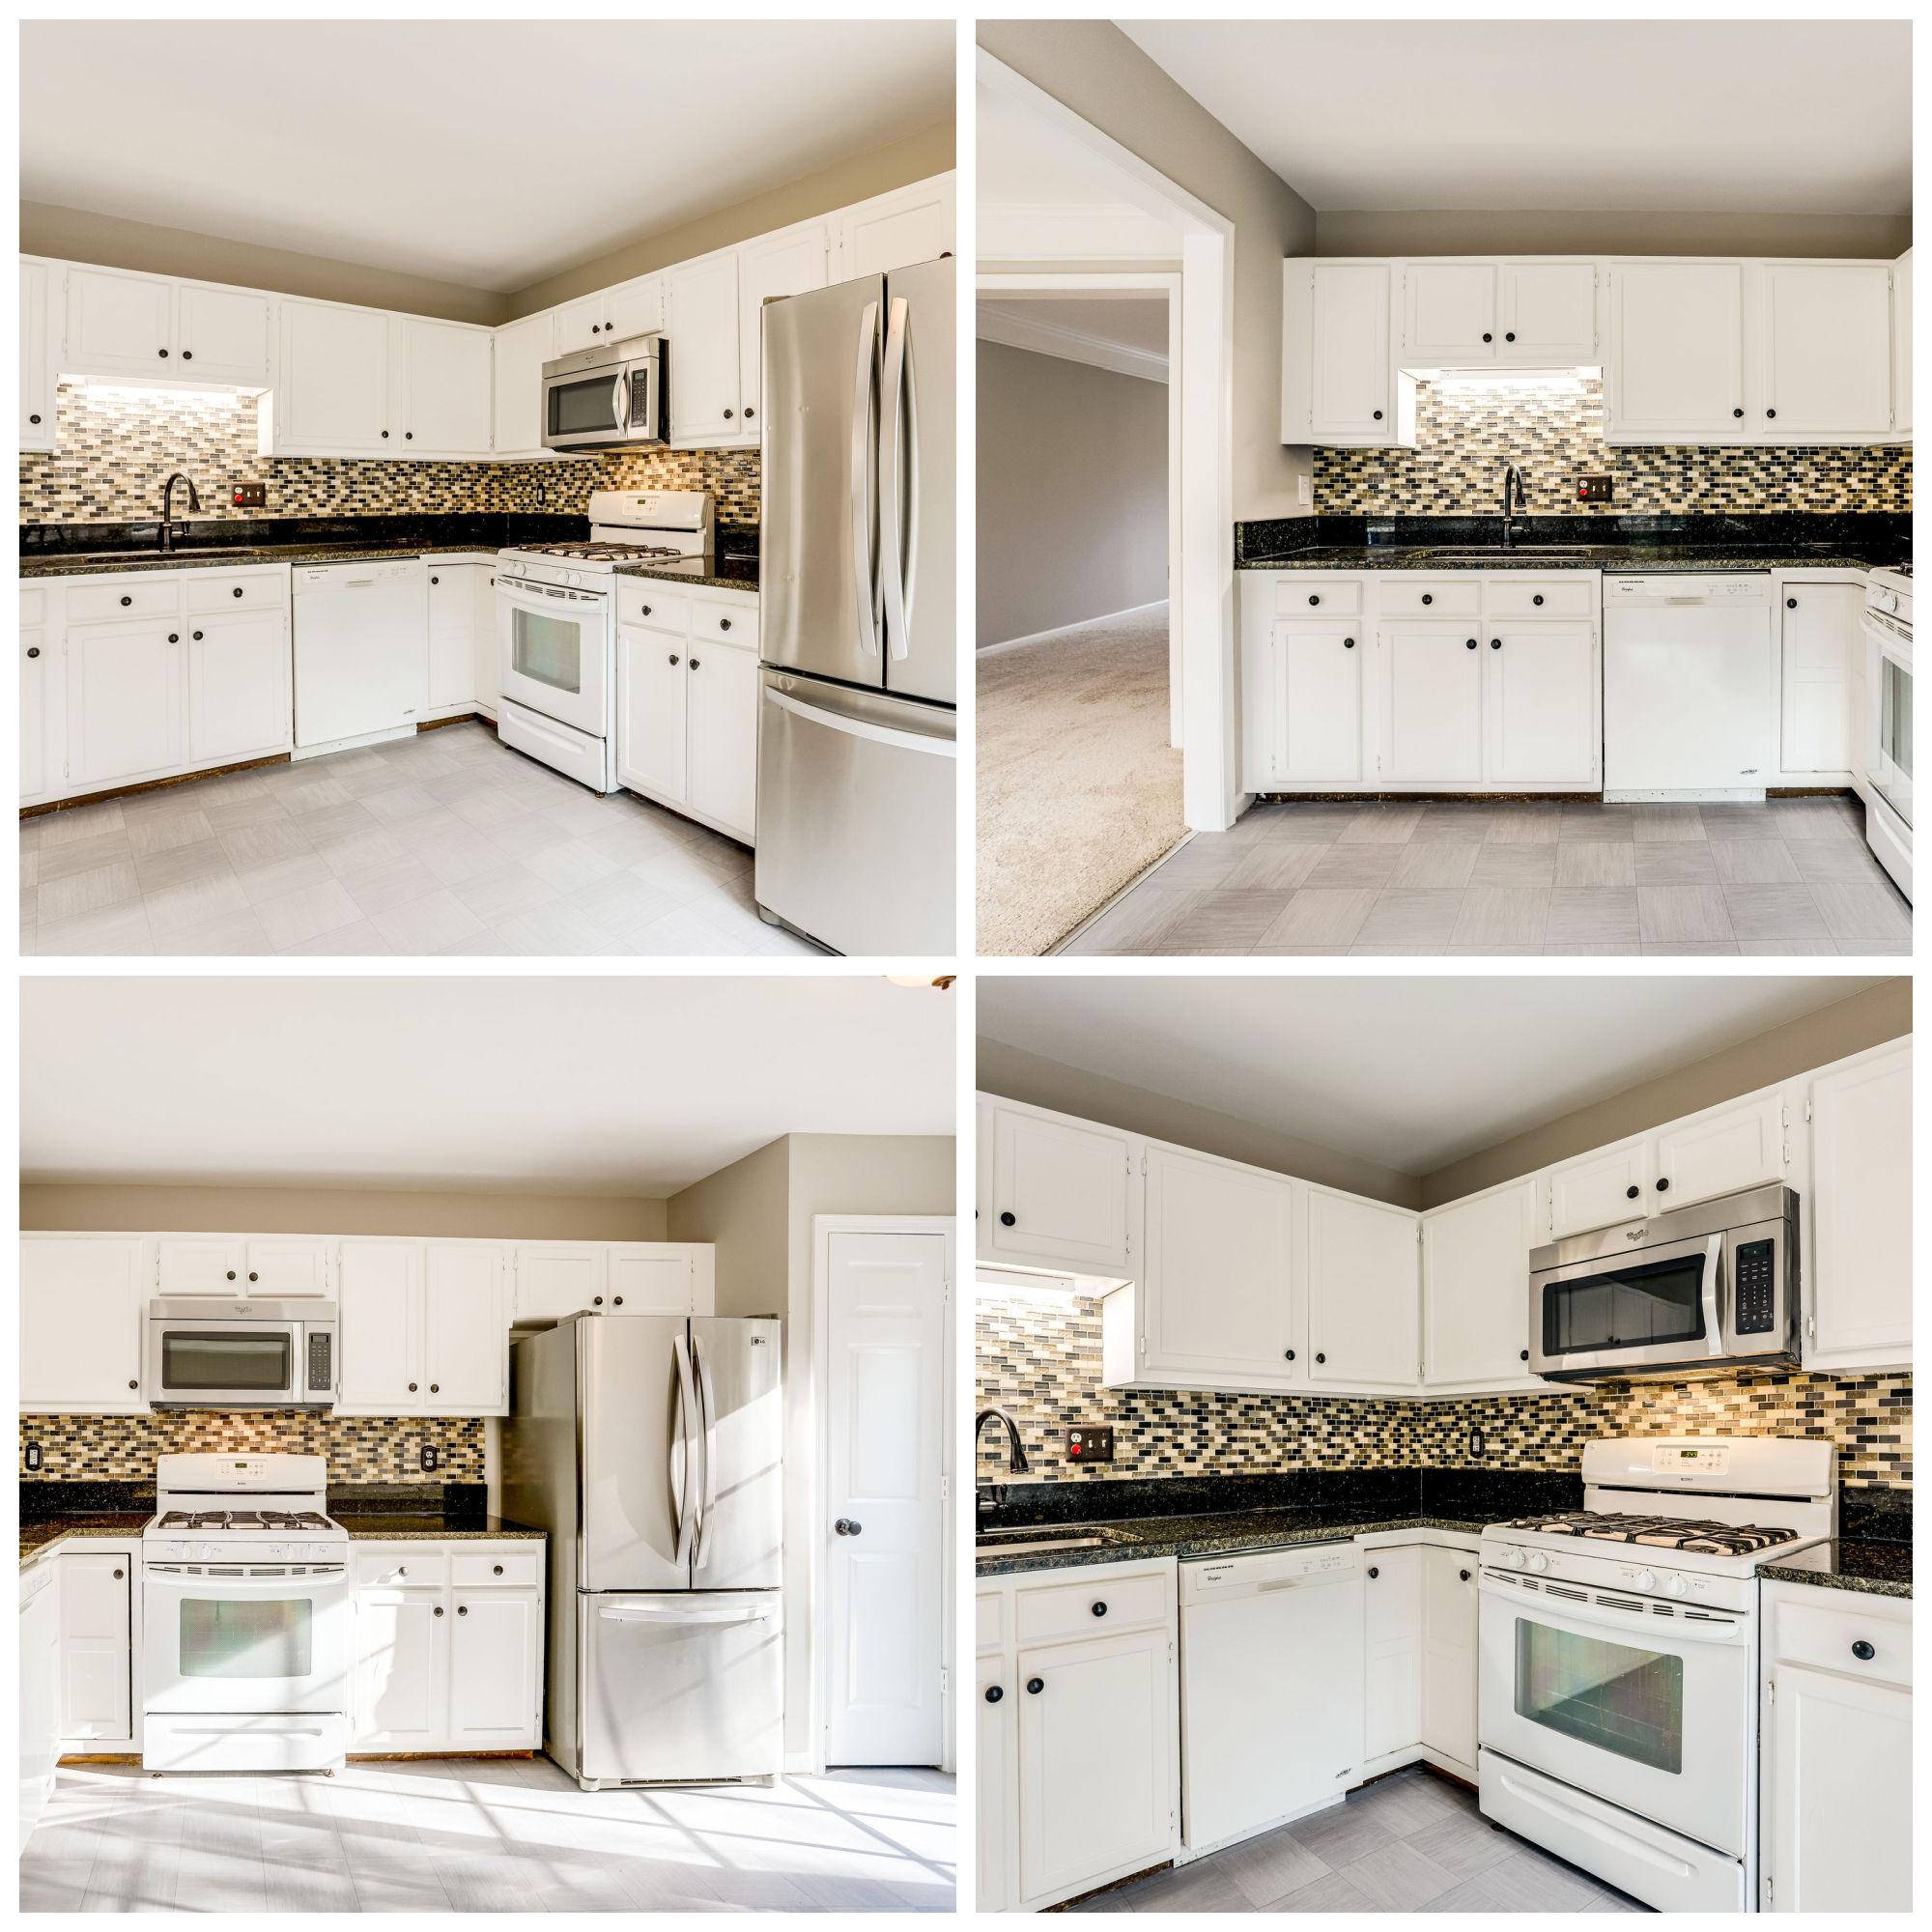 43846 Laburnum Sq, Ashburn- Kitchen